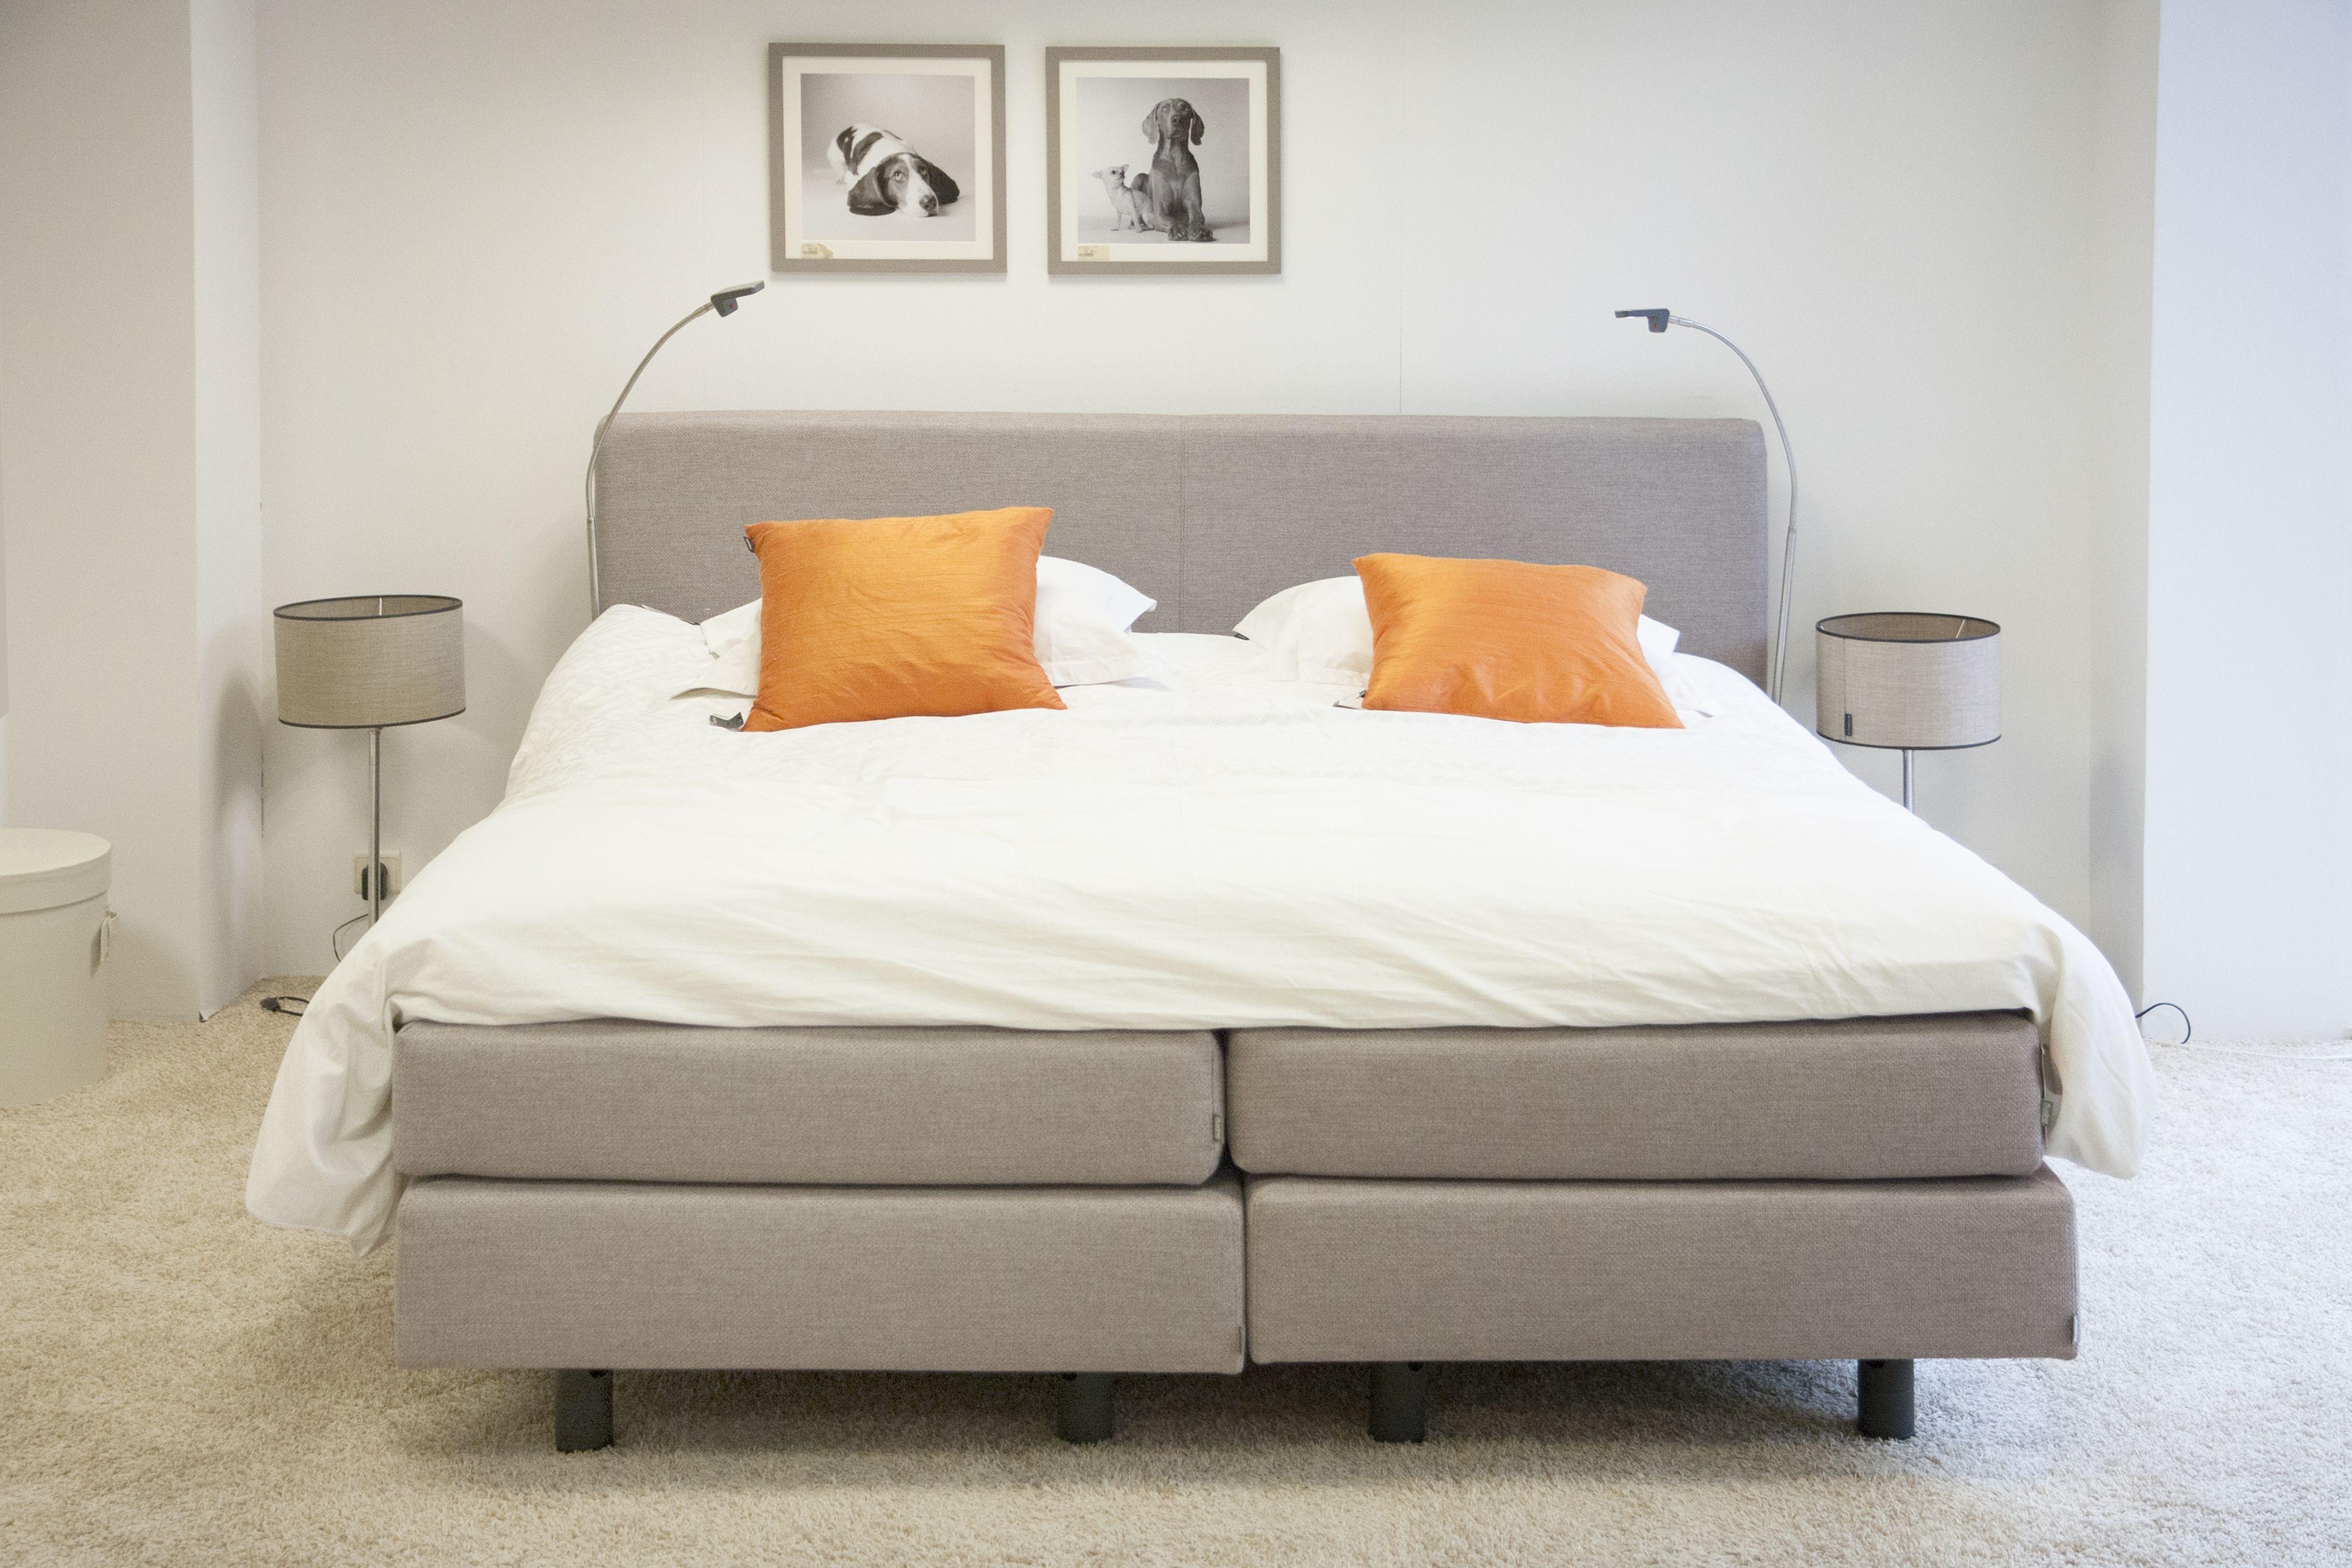 Slaapkamer Wit Grijs : Met welke kleuren kan jij jouw slaapkamer het beste inrichten